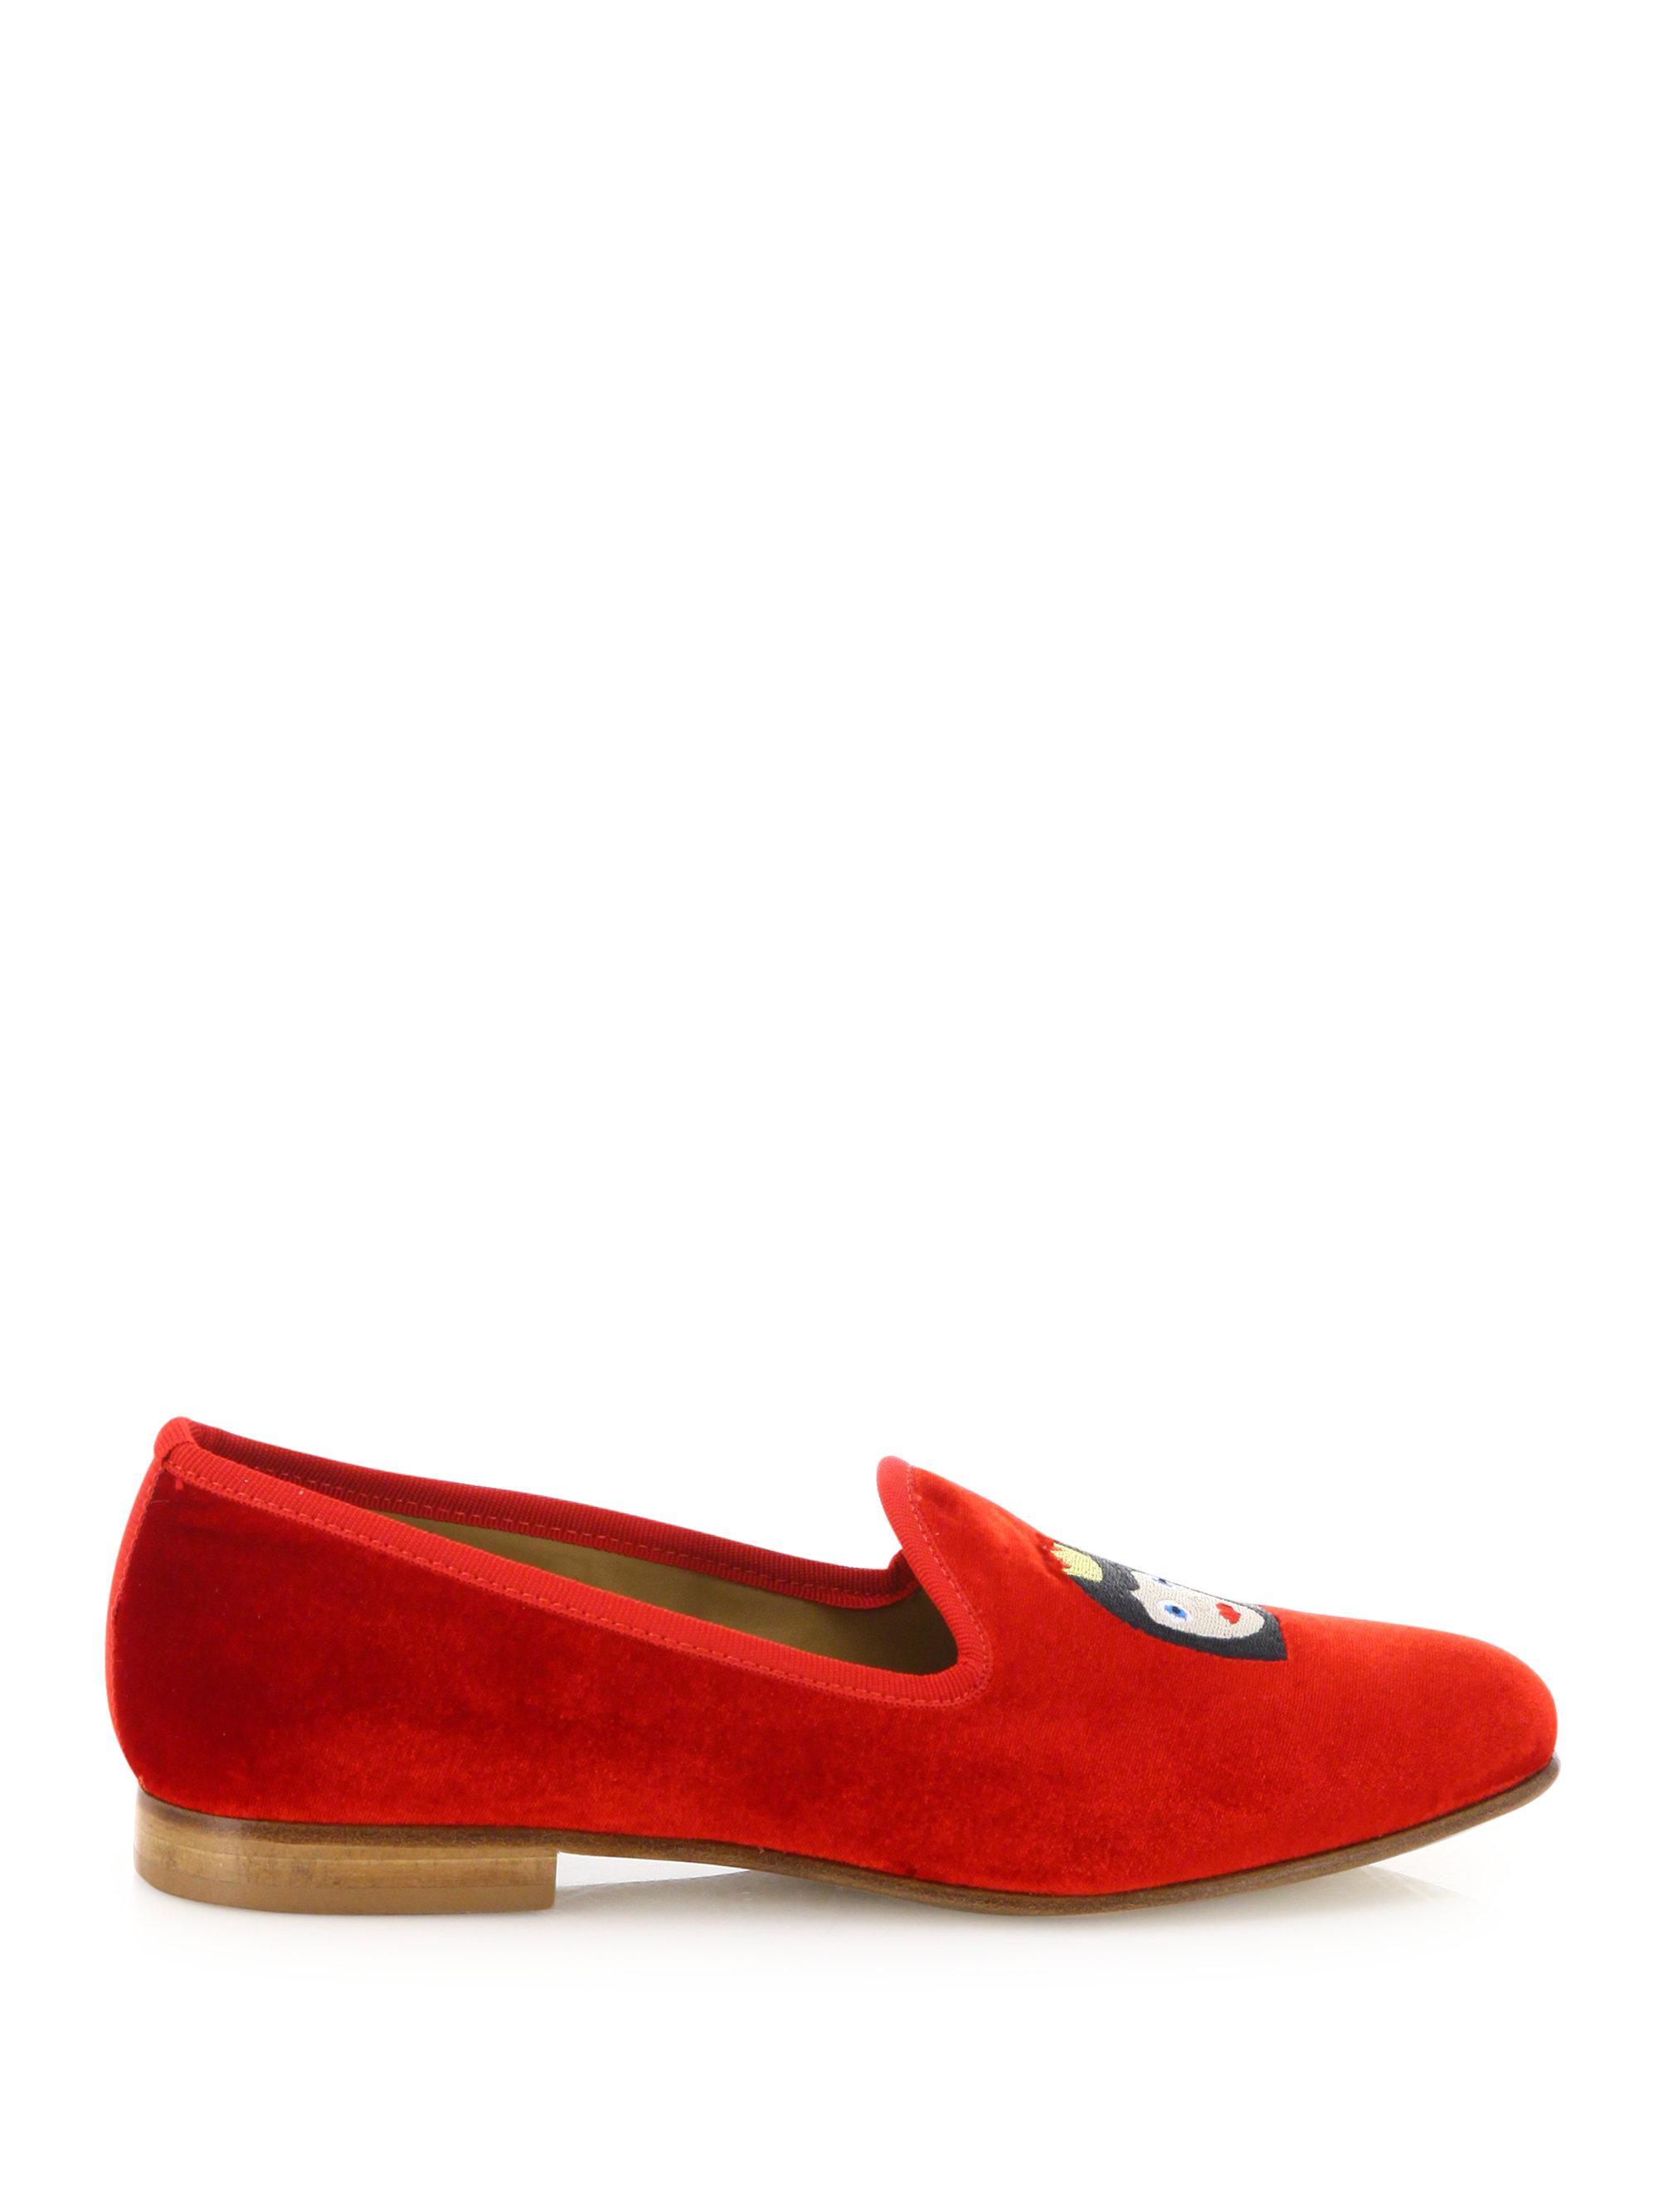 Del Toro - Red Queen Bee Velvet Smoking Loafers - Lyst. View fullscreen